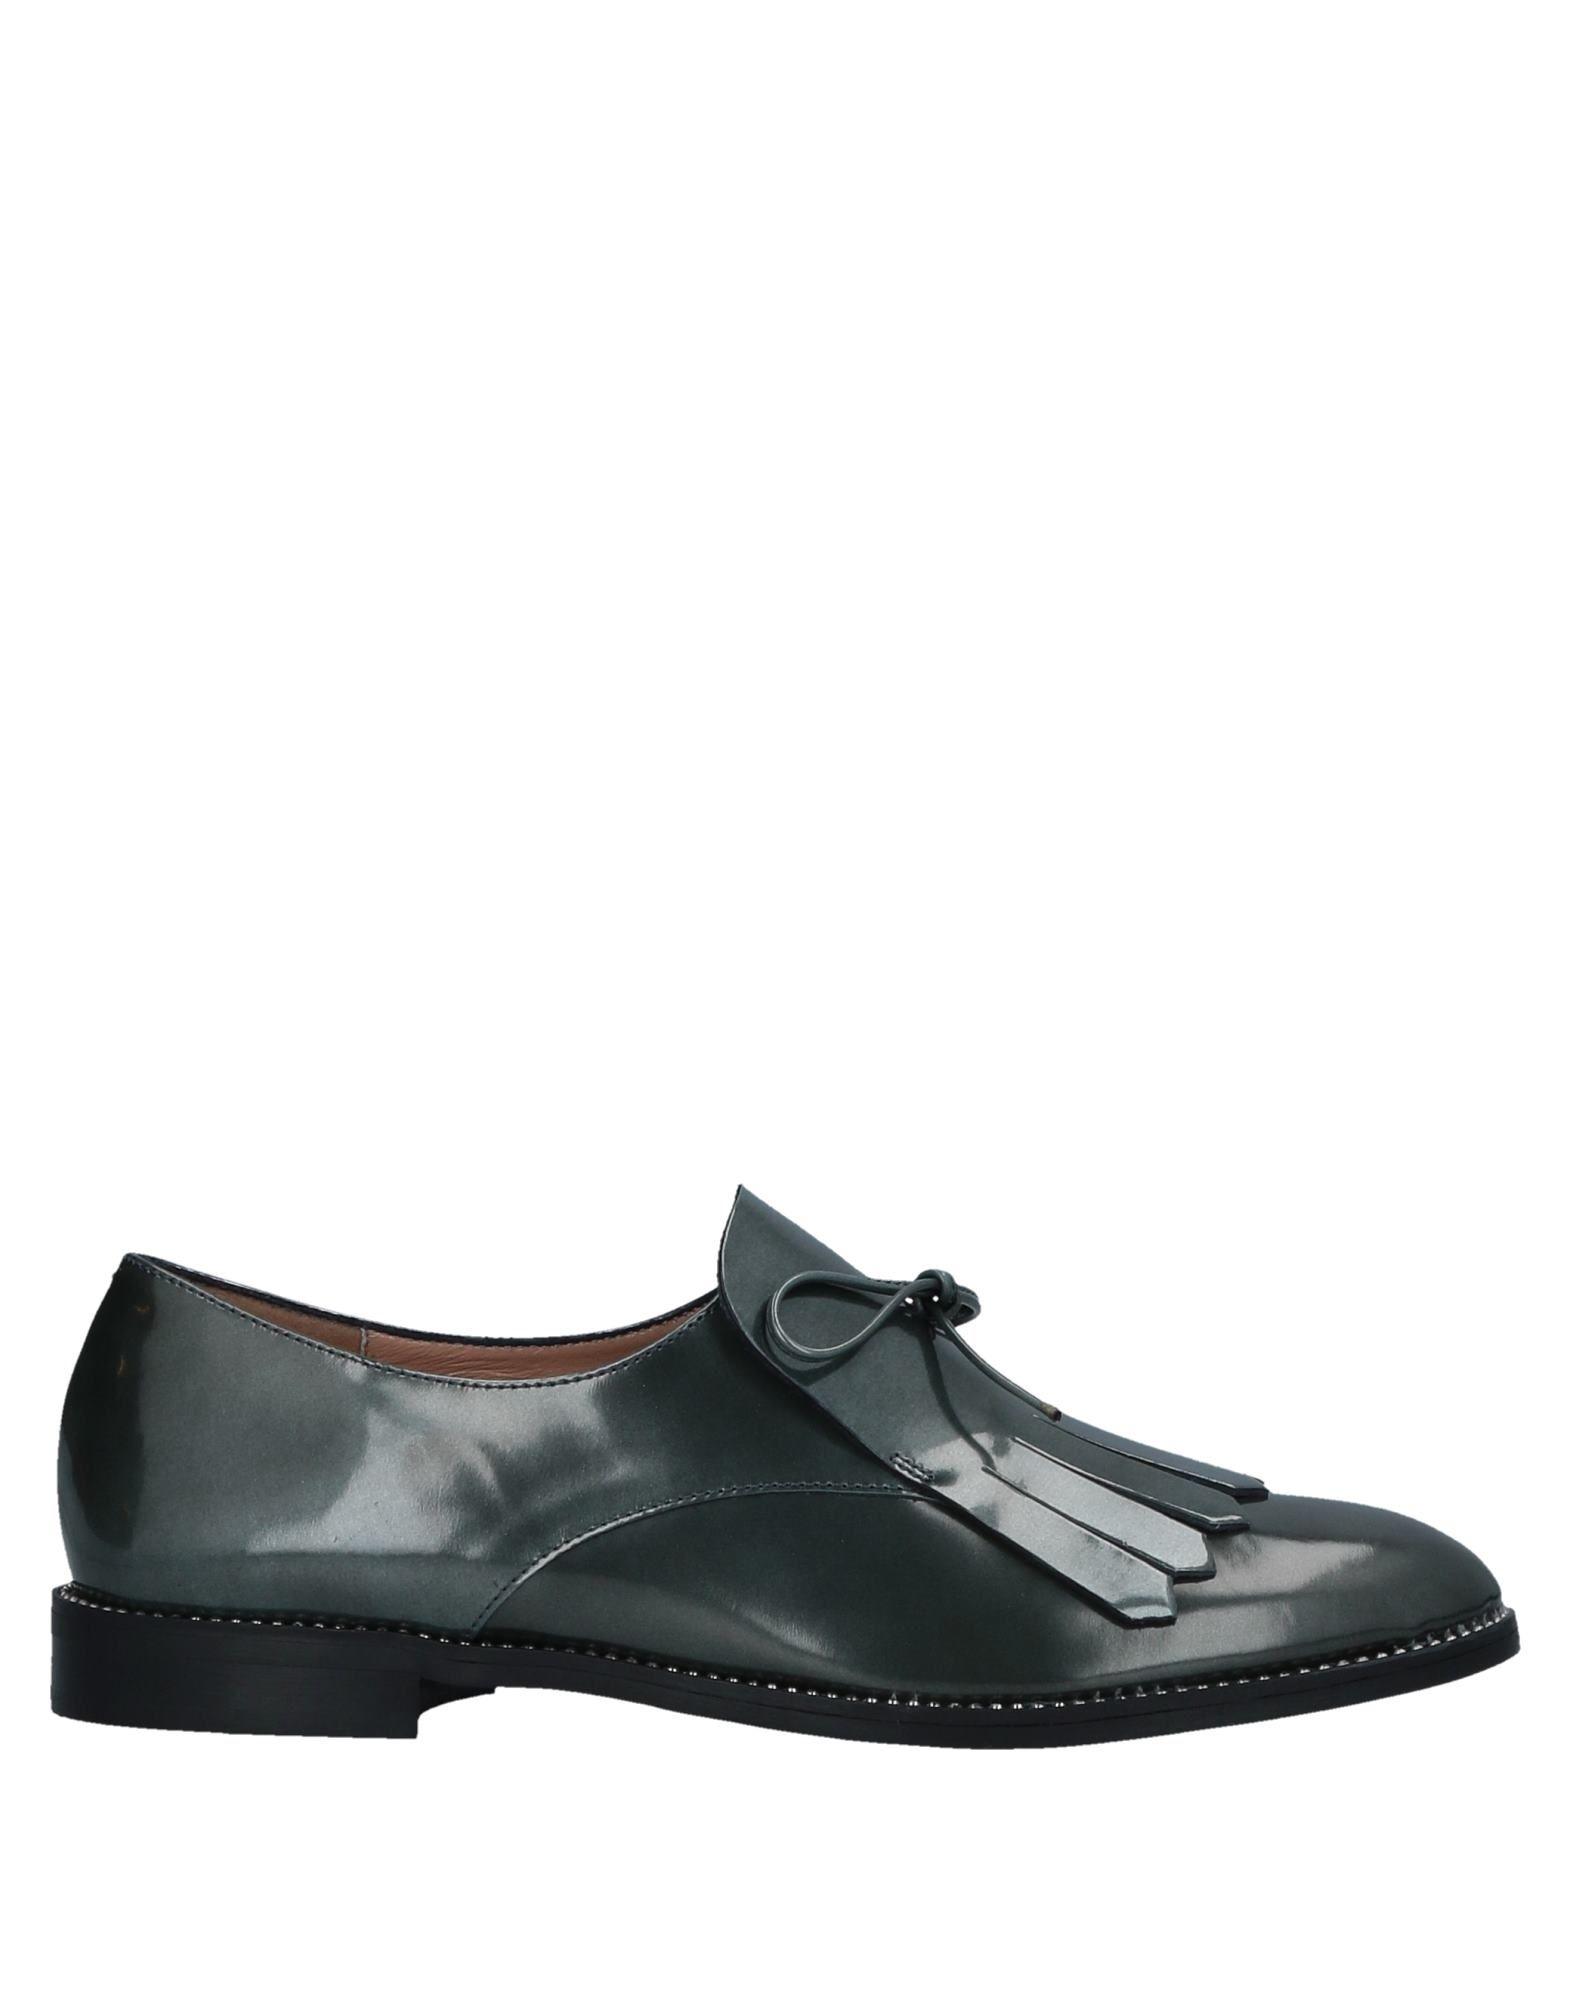 Gut um um Gut billige Schuhe zu tragenAndrea Morando Mokassins Damen  11531383CN f7c560